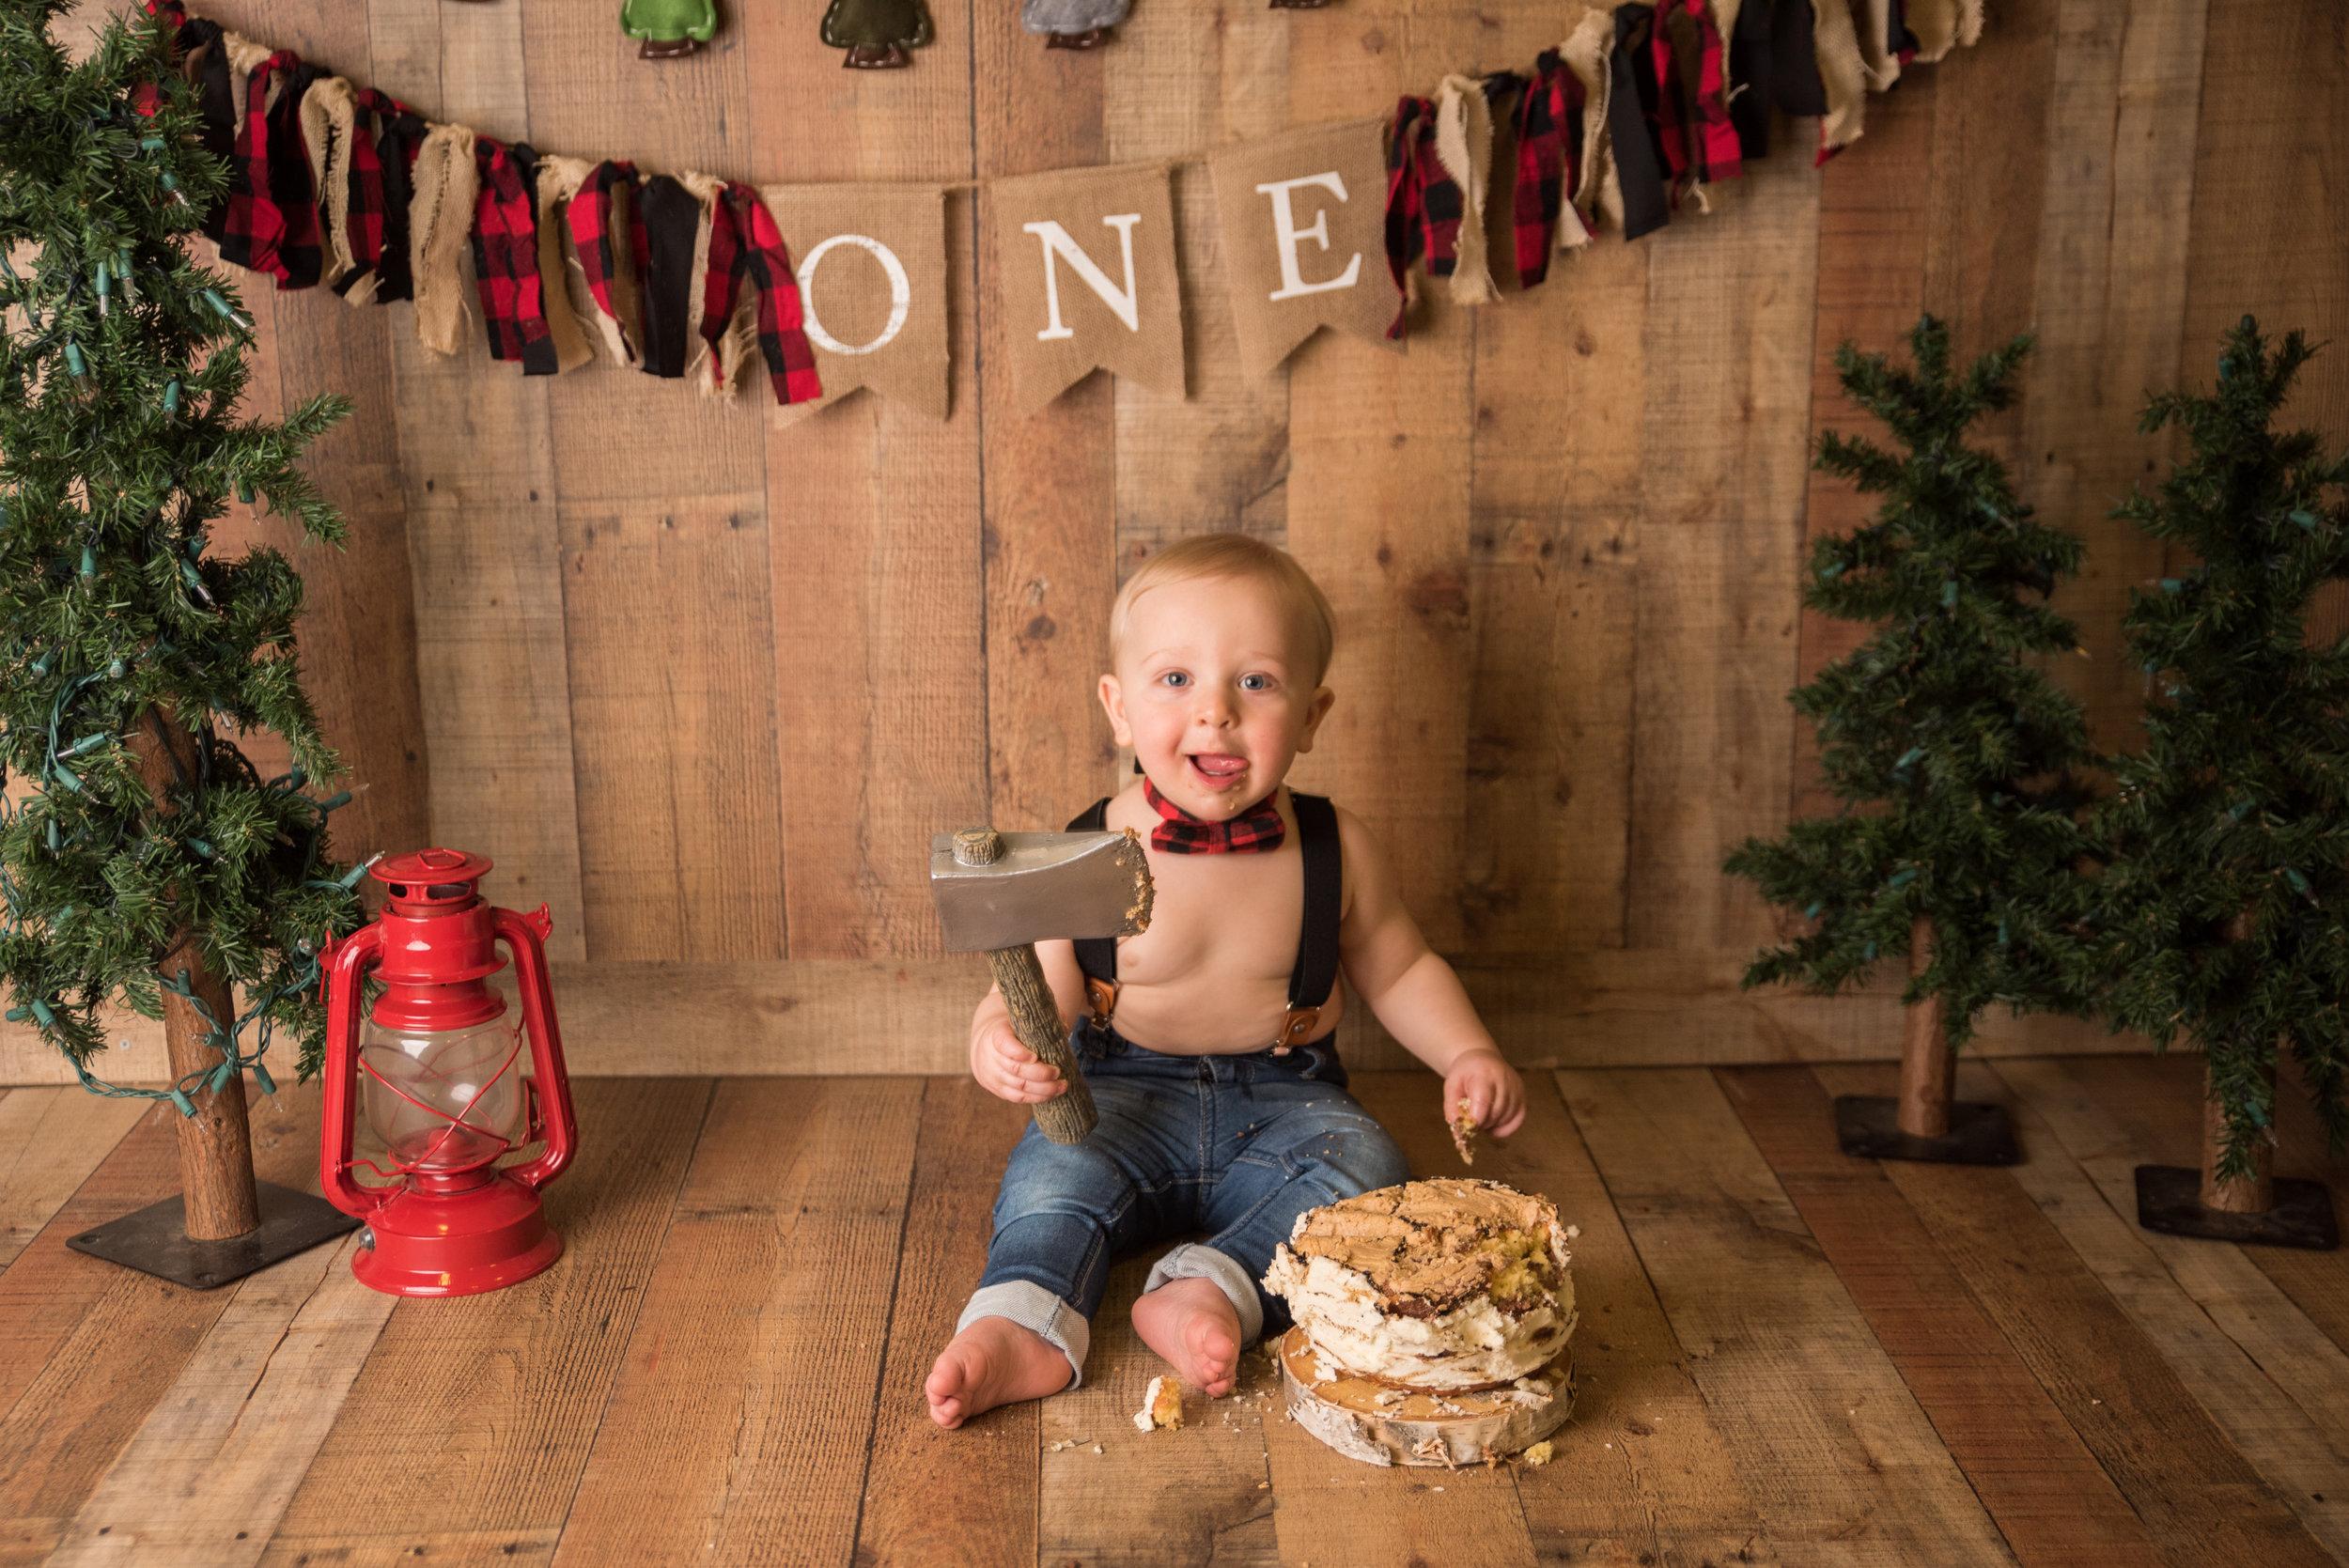 1st Birthday Cake Smash CT Baby Photographer | www.heatherandsarahphoto.com